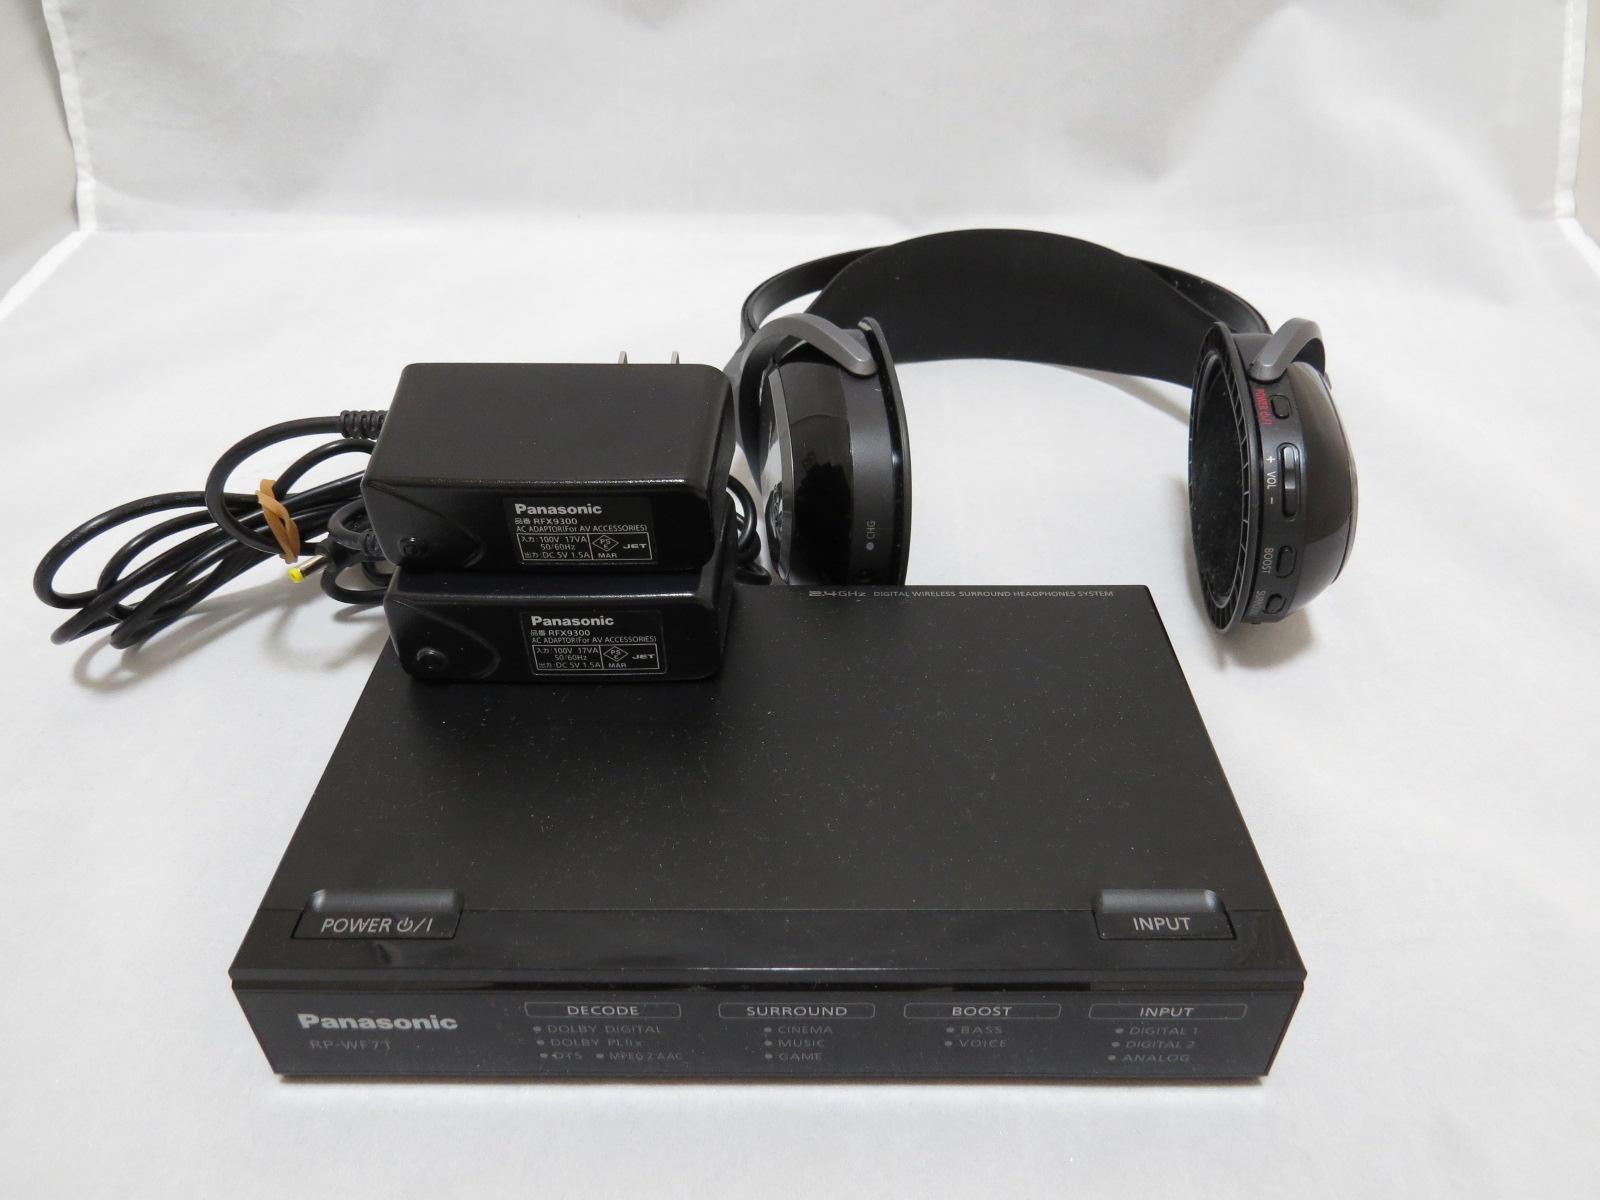 ジャンクなPanasonicデジタルワイヤレスサラウンドヘッドホン(RP-WF7-K)を買ってみた